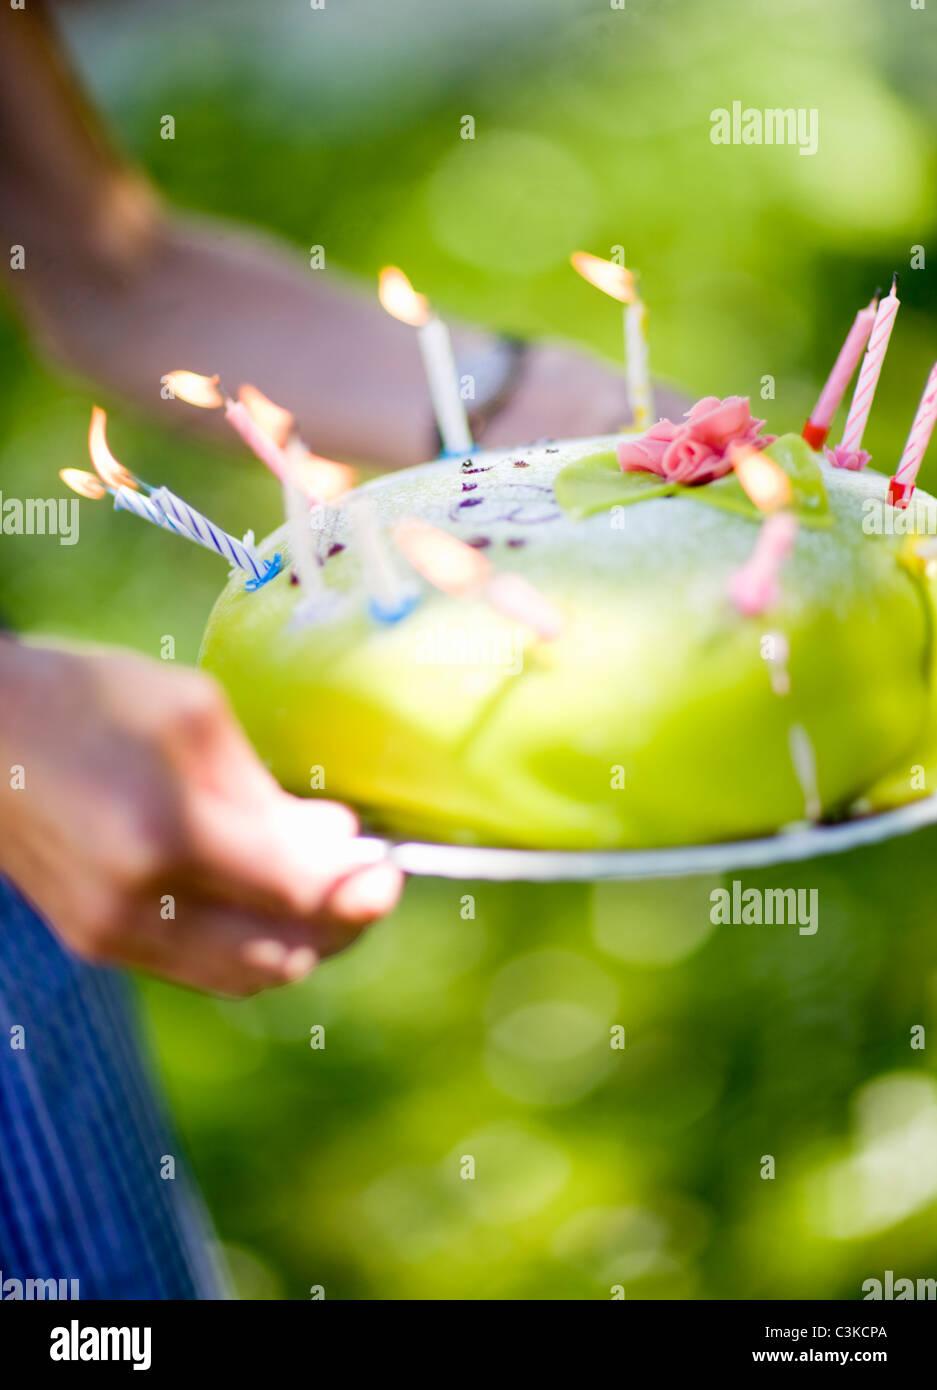 Mujer sosteniendo tarta de cumpleaños con velas encendidas, close-up Imagen De Stock